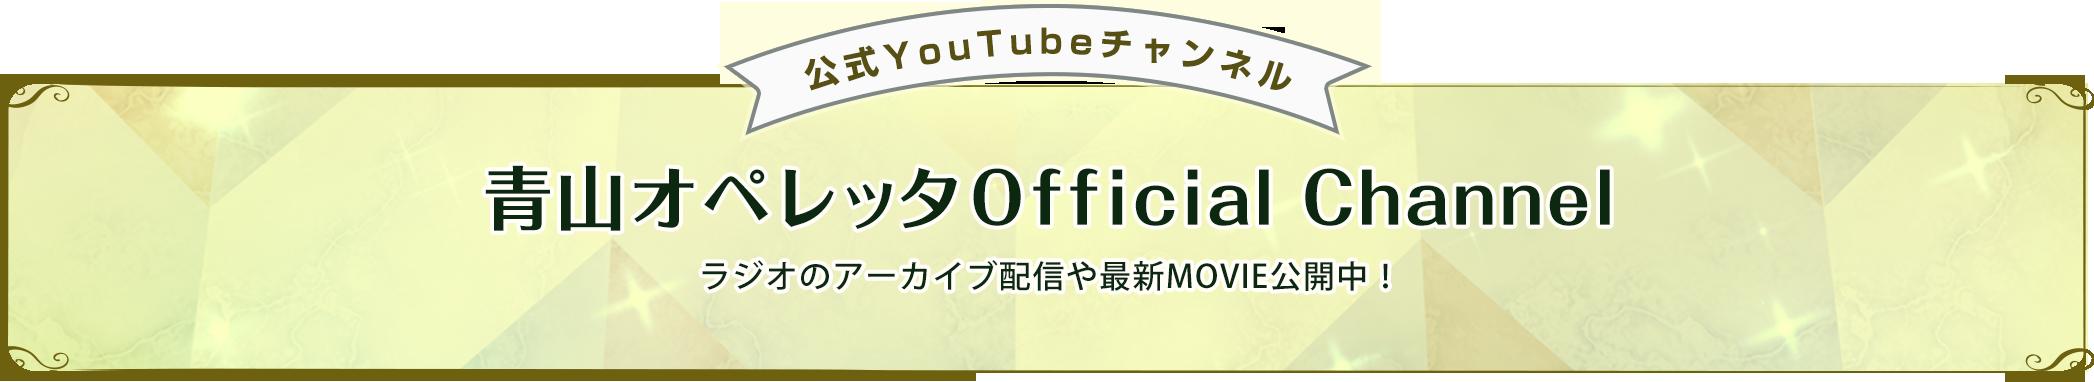 [公式YouTubeチャンネル]青山オペレッタOfficial Channel